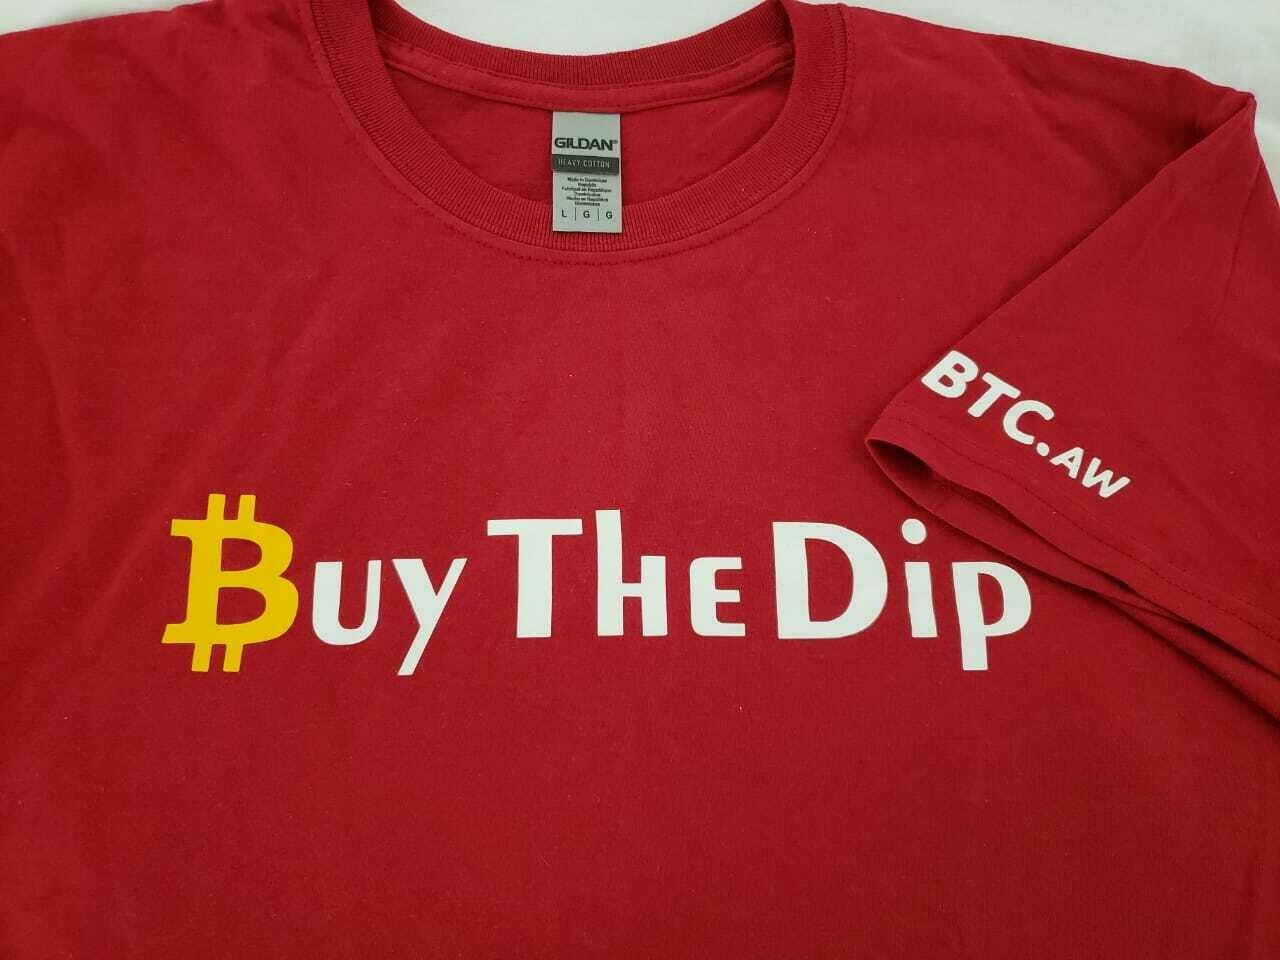 Buy The Dip - Bitcoin Shirt